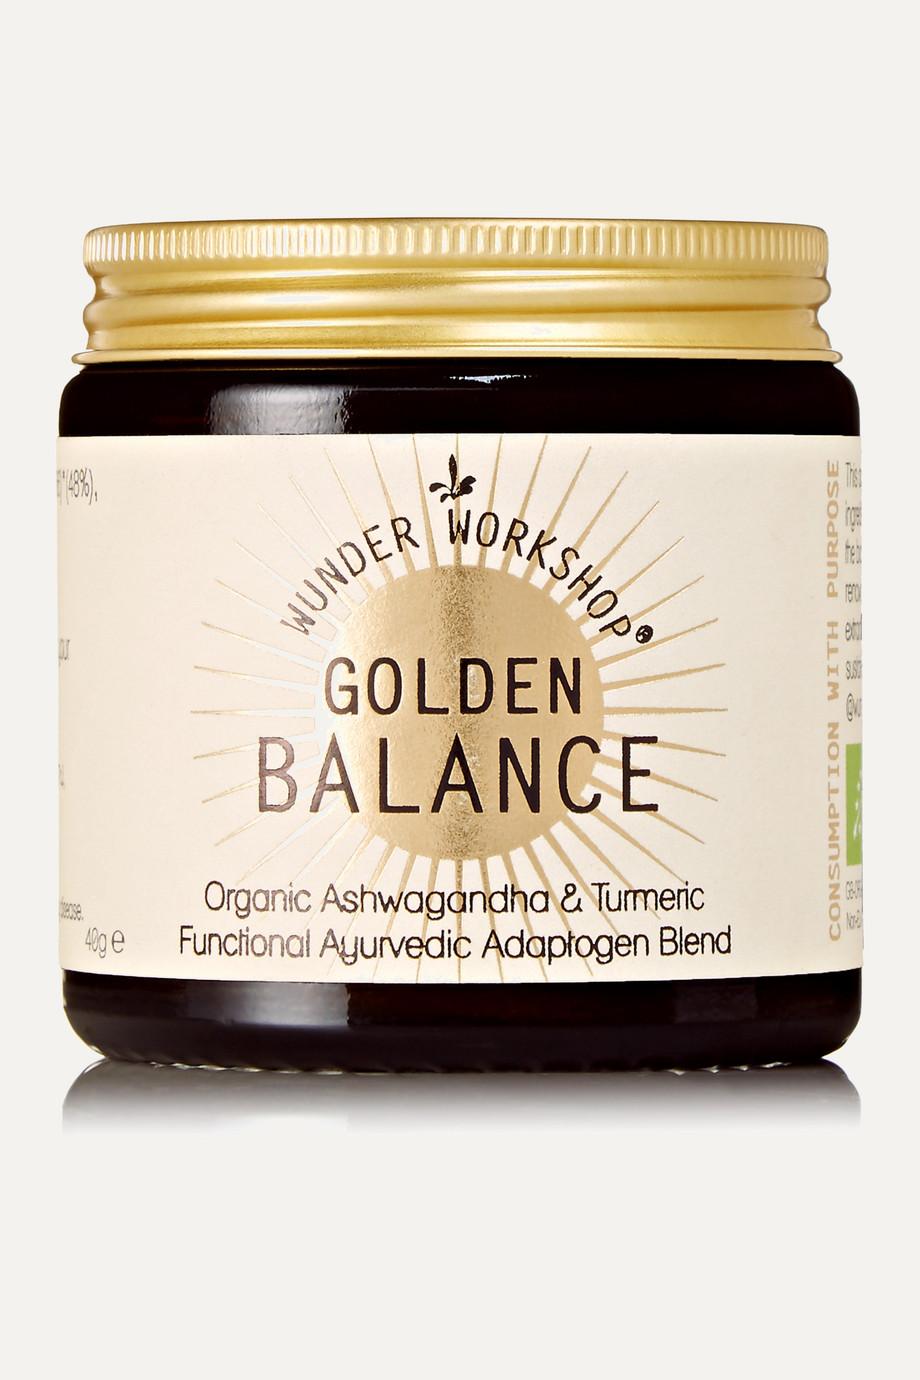 Wunder Workshop Golden Balance Supplement, 40g